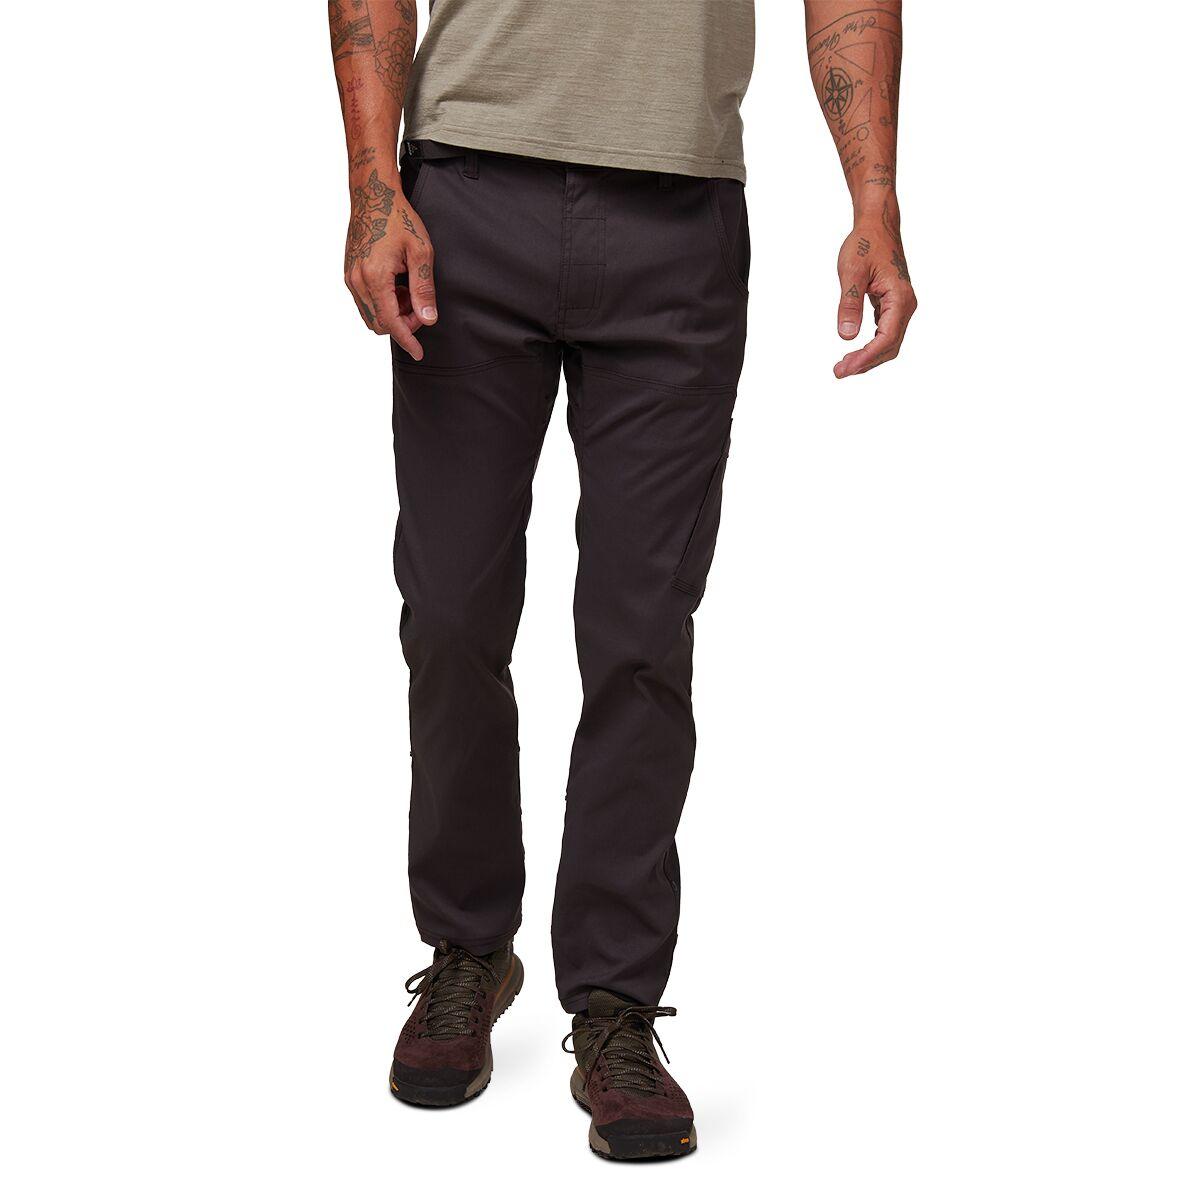 prAna STRETCH ZION PANT STRAIGHT FIT CHARC MEN/'S PANTS SIZES M43183-CHARC